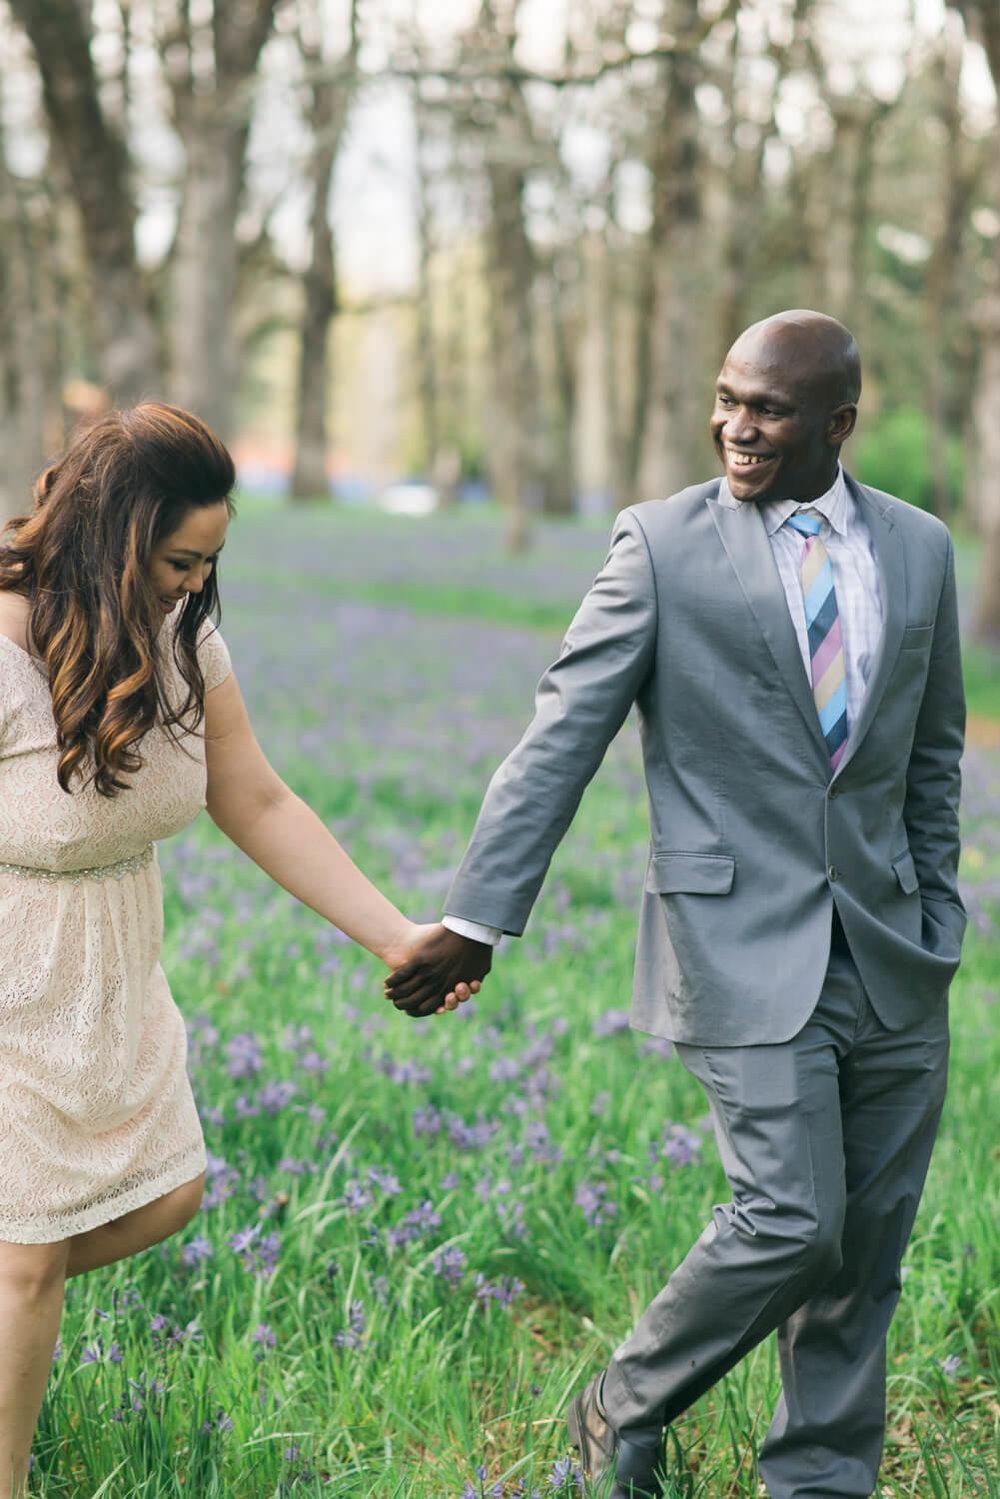 salem-engagement-photography-bushs-pasture-park-shelley-marie-photo-0201.jpg